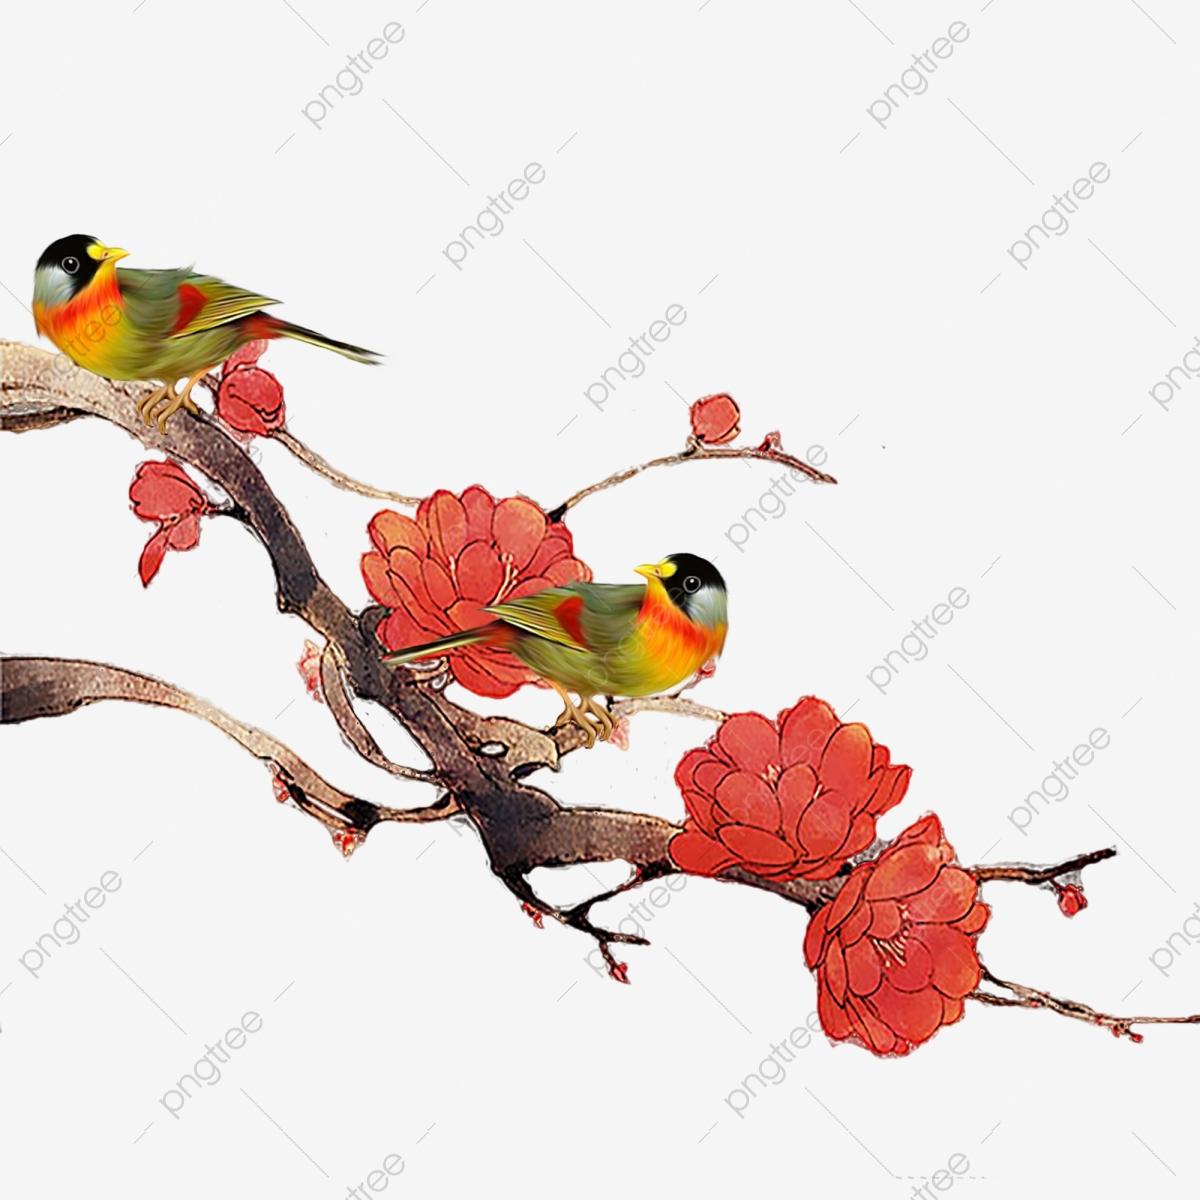 Dessin Animé Oiseau Fleurs Rouges Dessin Animé Oiseau avec Images D Oiseaux Gratuites